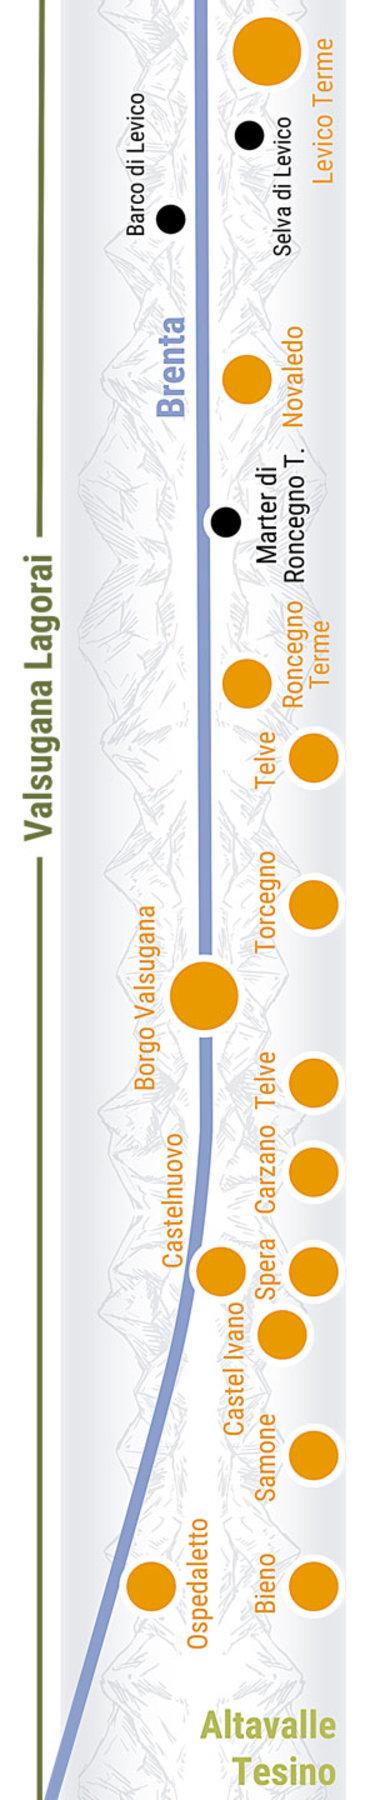 Übersichtskarte rechts Teilabschnitt 33a Mittlere Valsugana